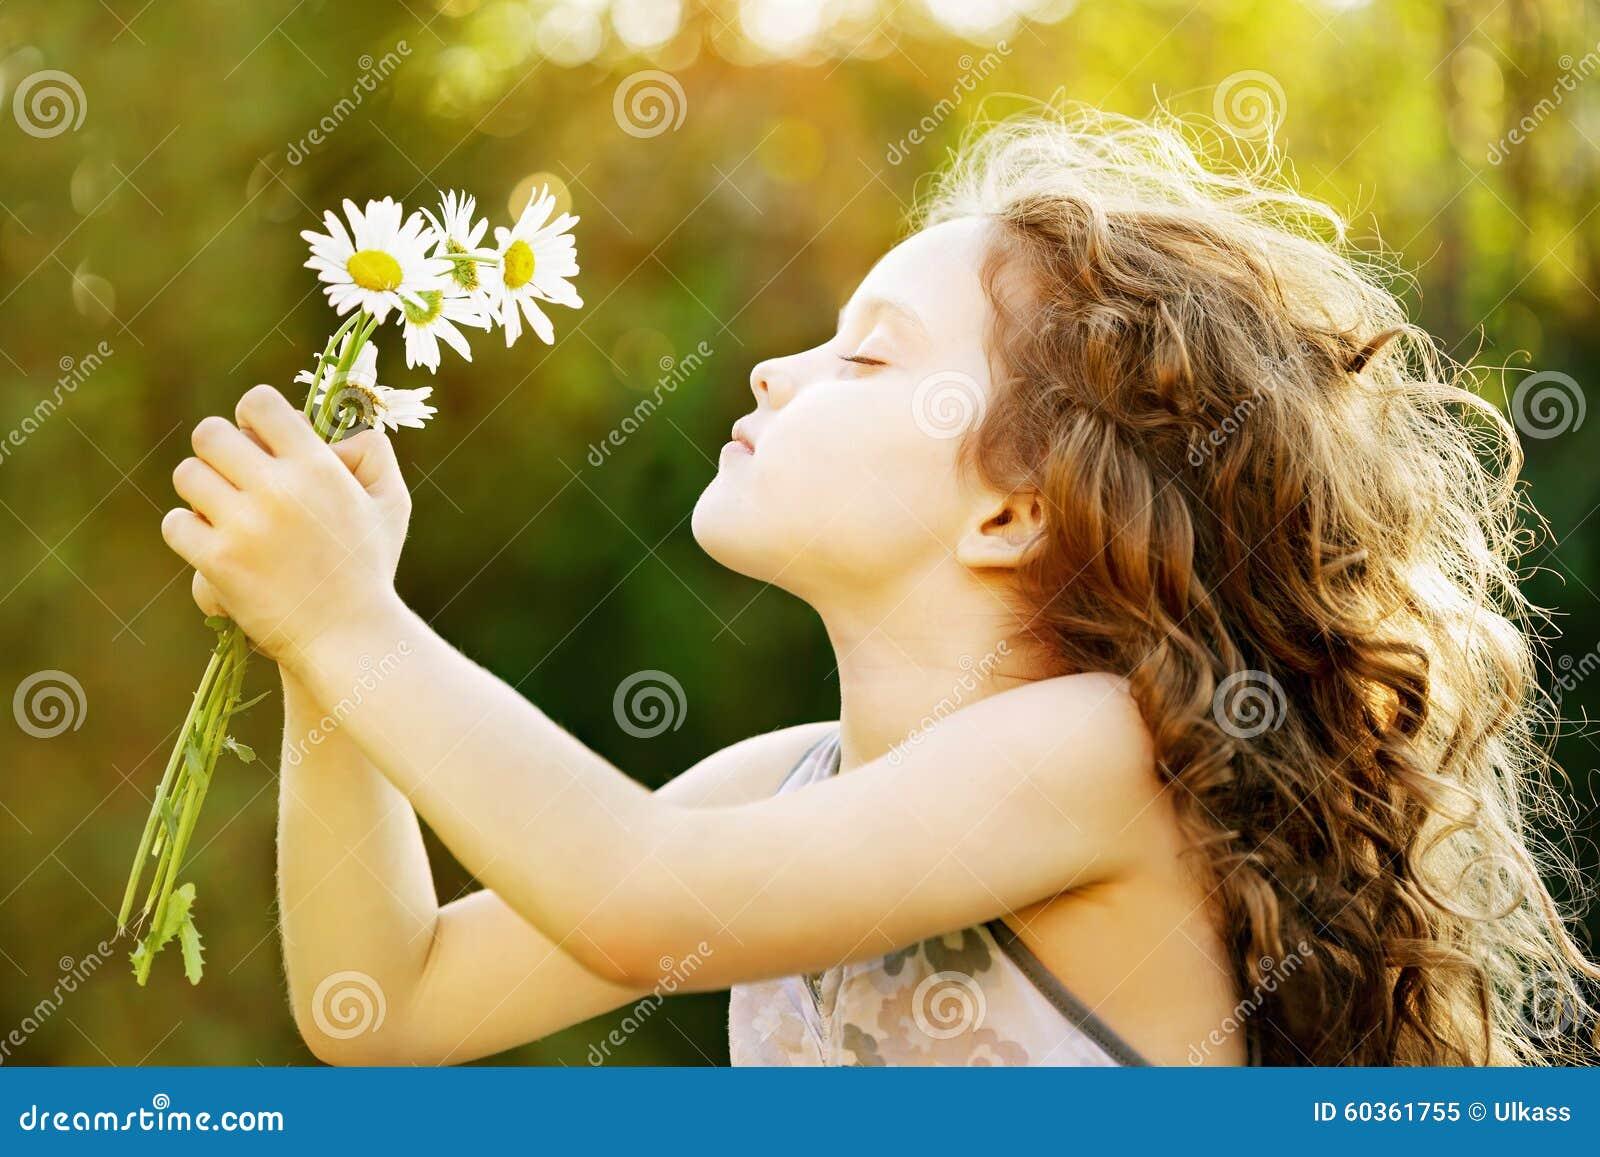 Petite Fille Avec Une Fleur Dans Sa Main Image Stock Image Du